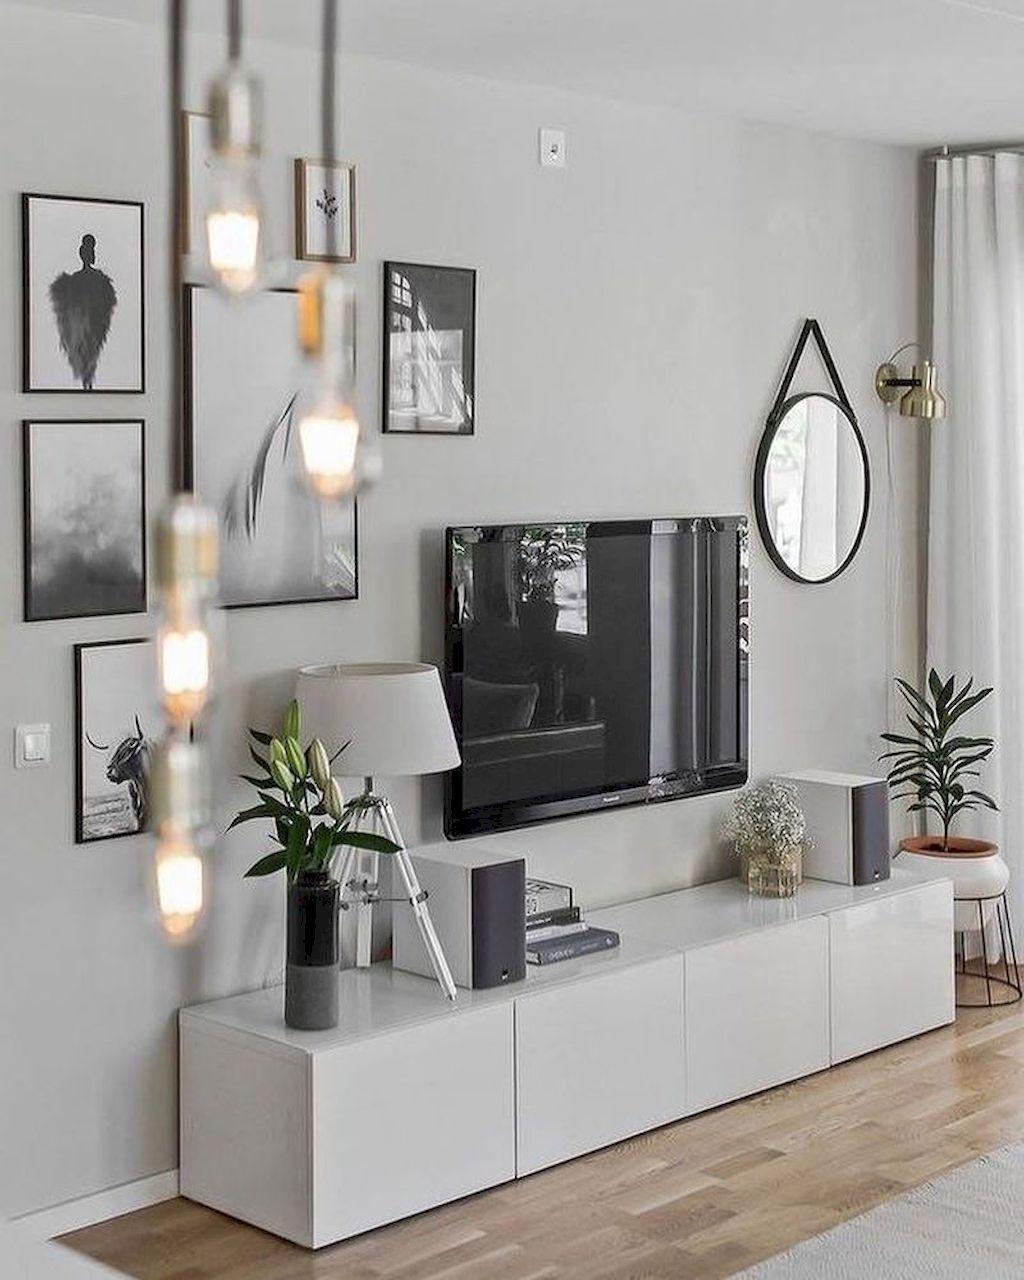 69 Beautiful Apartment Living Room Design Ideas images